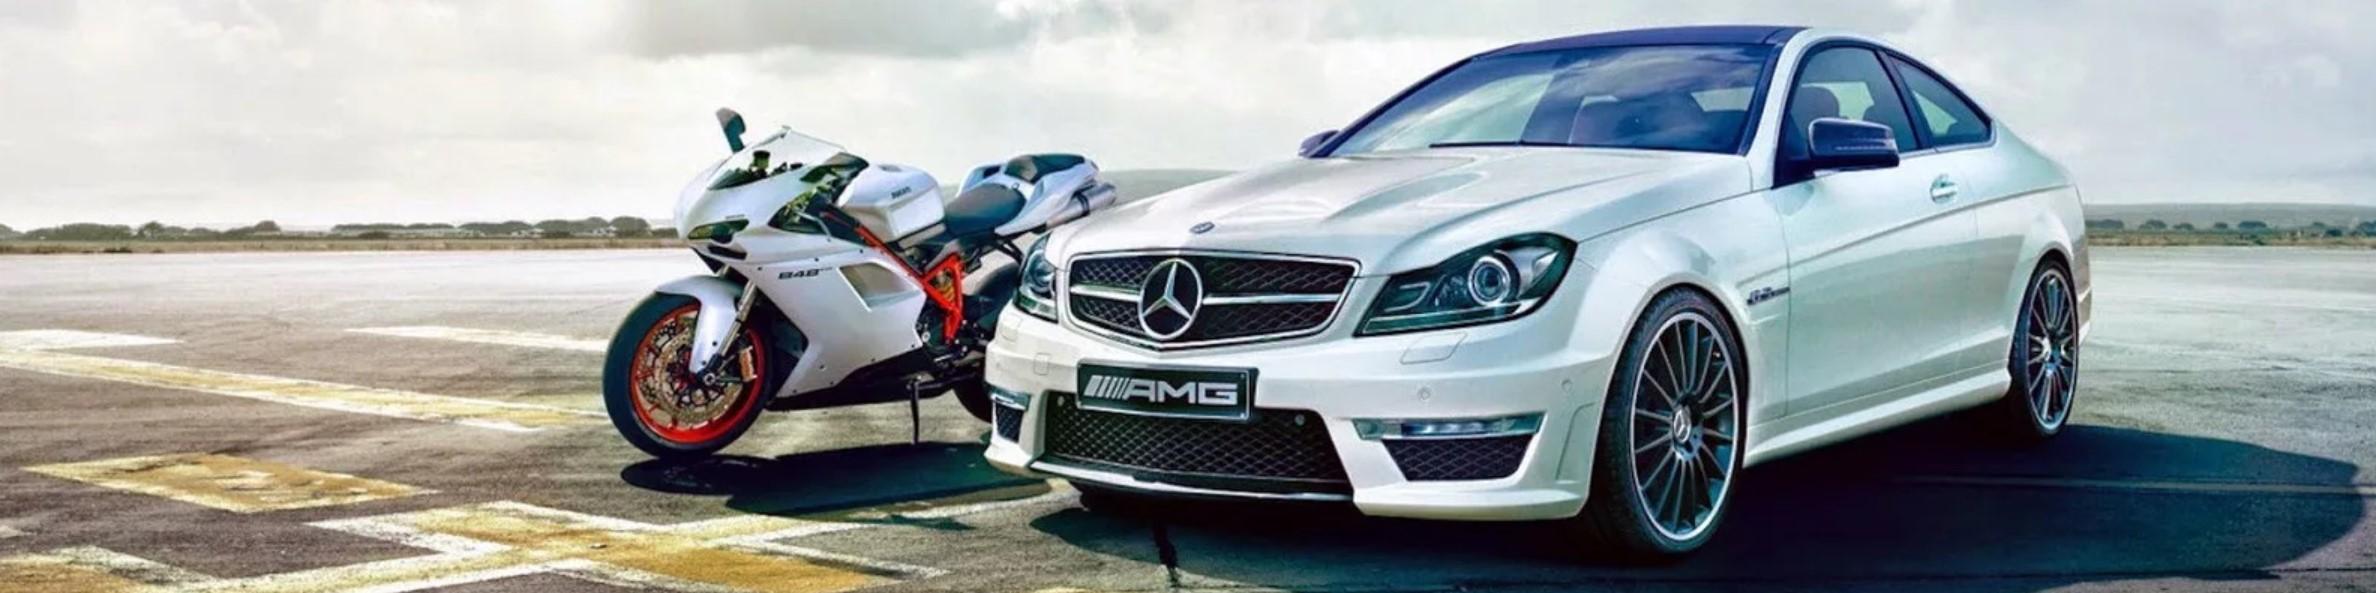 товары для авто- и мотовладельцев с али экспресс